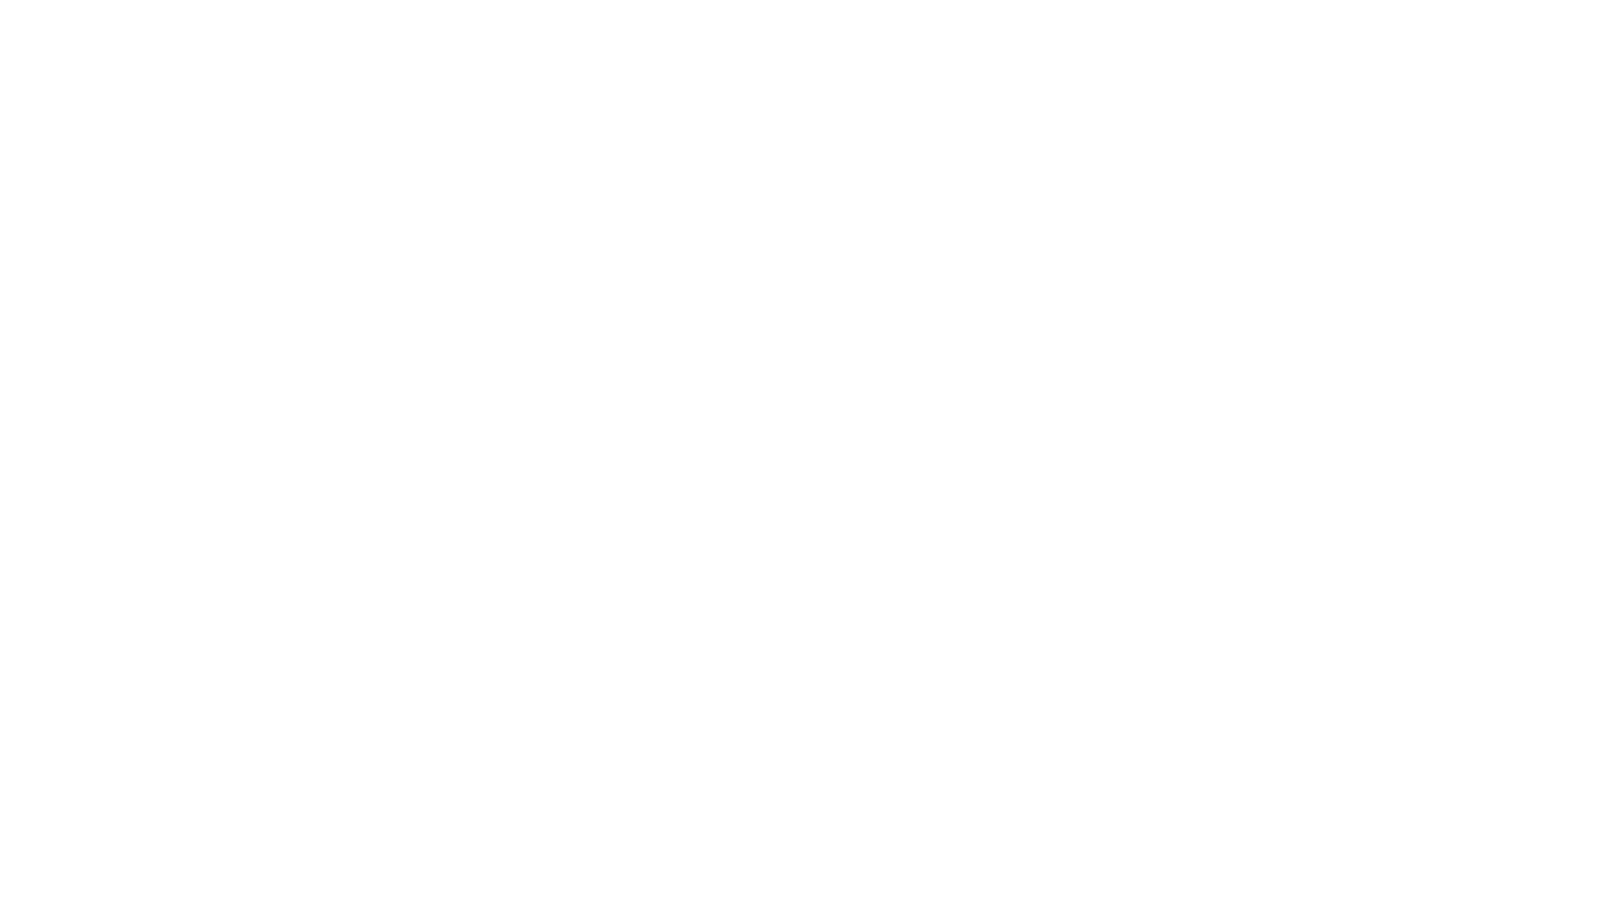 #SAKA #RASHFORD #SANCHO Le Super Débrief foot ... LIKE et PARTAGE TOUSOUTSIDERZ Pour me rejoindre: email: lesoutsiderz@gmail.com twitter: @standiop instagram: @lesoutsiderz ▬▬▬▬▬▬▬▬▬▬▬▬▬▬▬▬▬▬▬▬▬▬▬▬▬ #ChampionsLeague #SERIEA #PremierLeague #LIGUE1 #LIGA #BUNDESLIGA